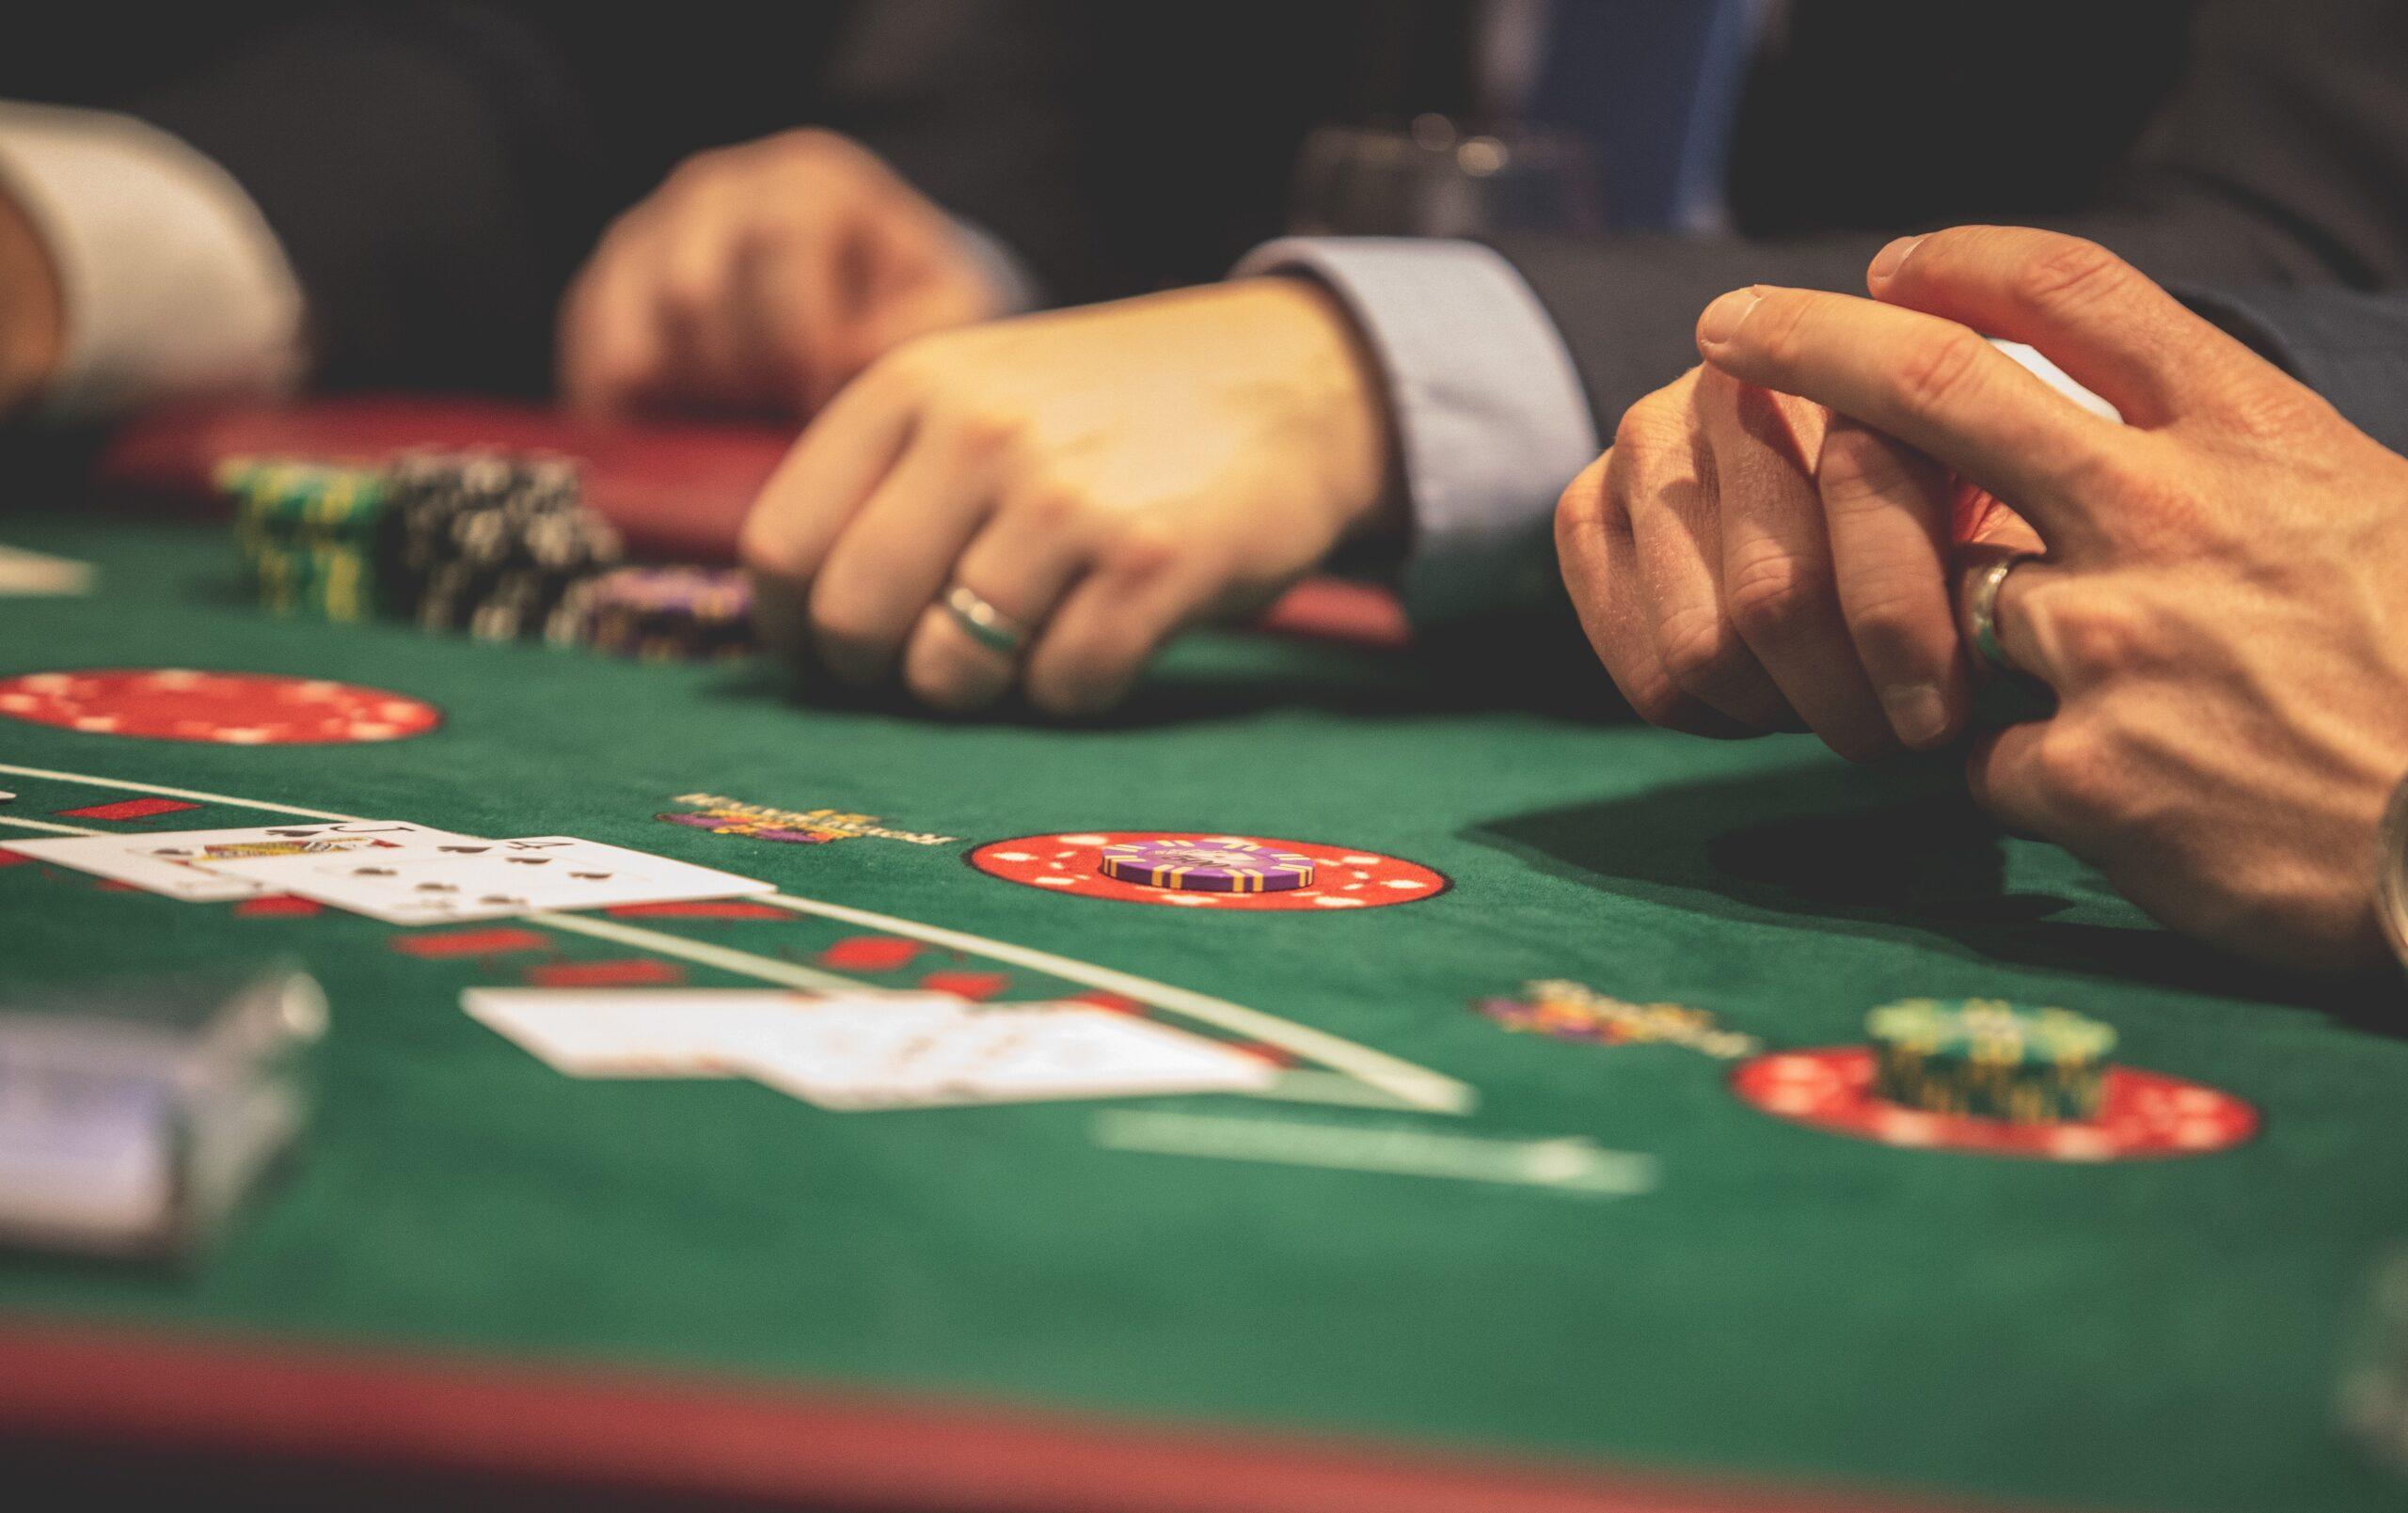 Den klassiske casinofølelsen